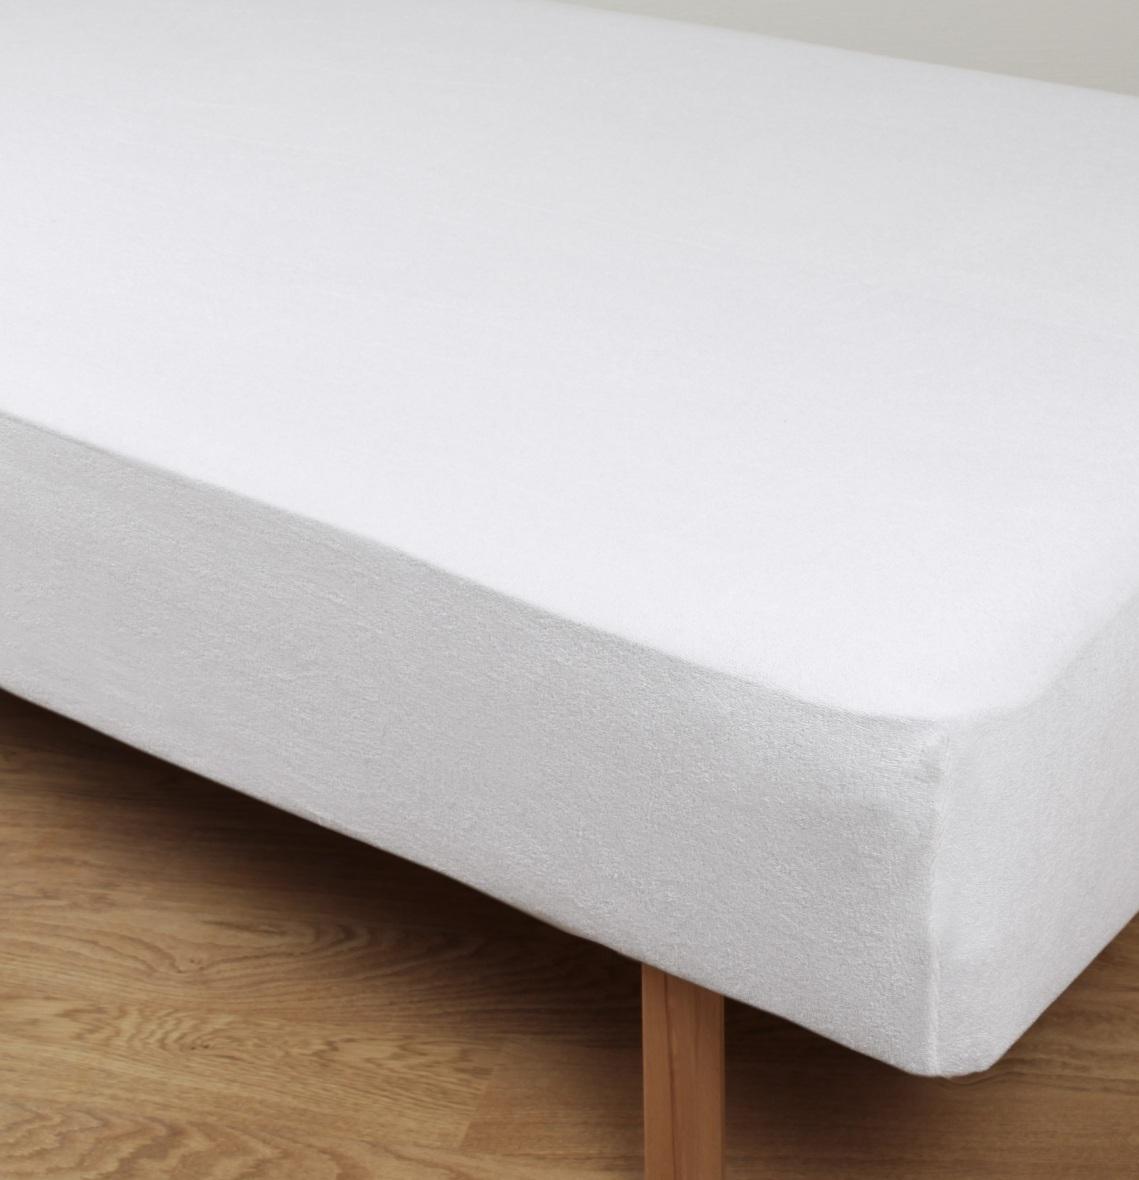 Sängklädsel 180 x 200 cm frotté Värnamo of Sweden